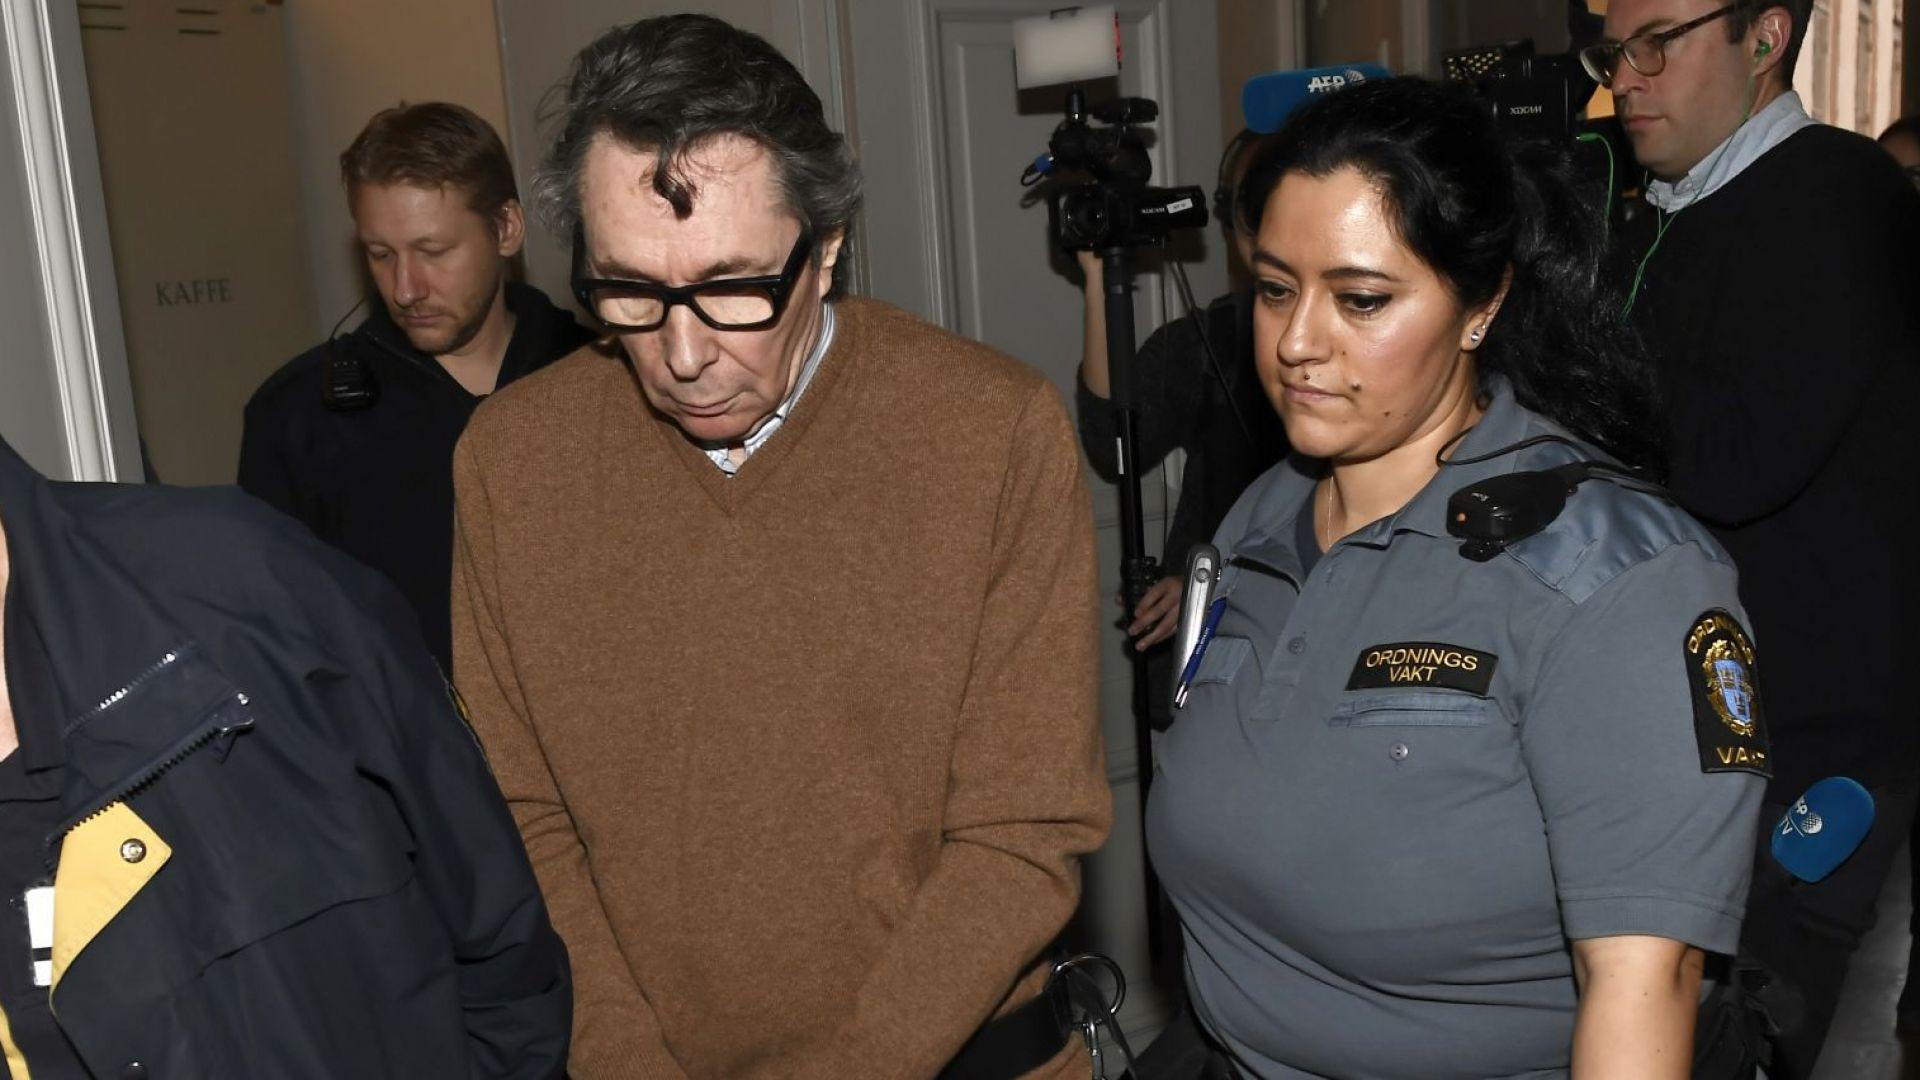 Осъдиха фотографа Жан-Клод Арно за второ изнасилване